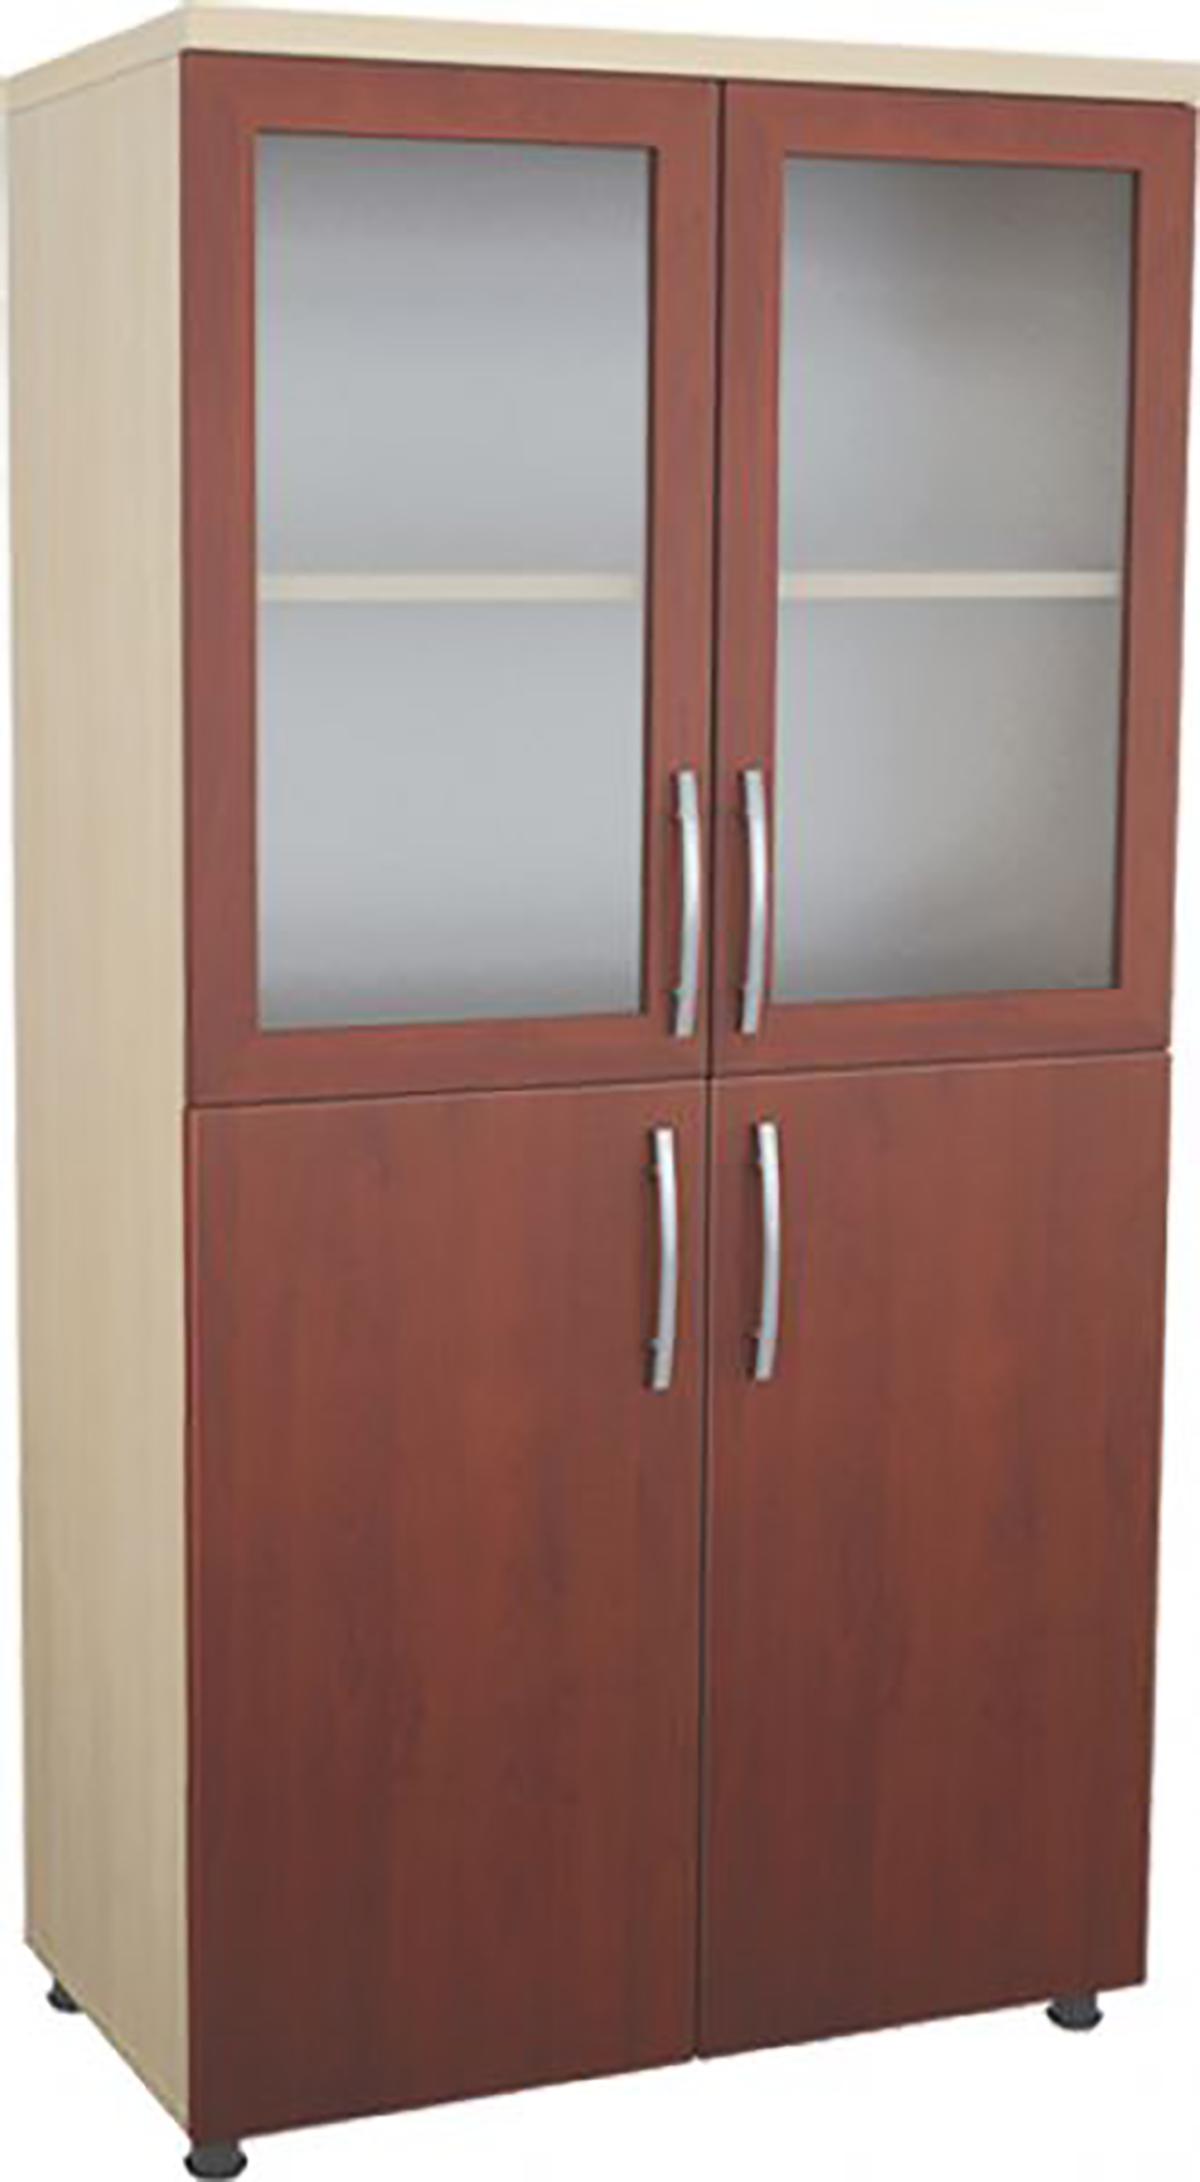 Wooden Modular Closets